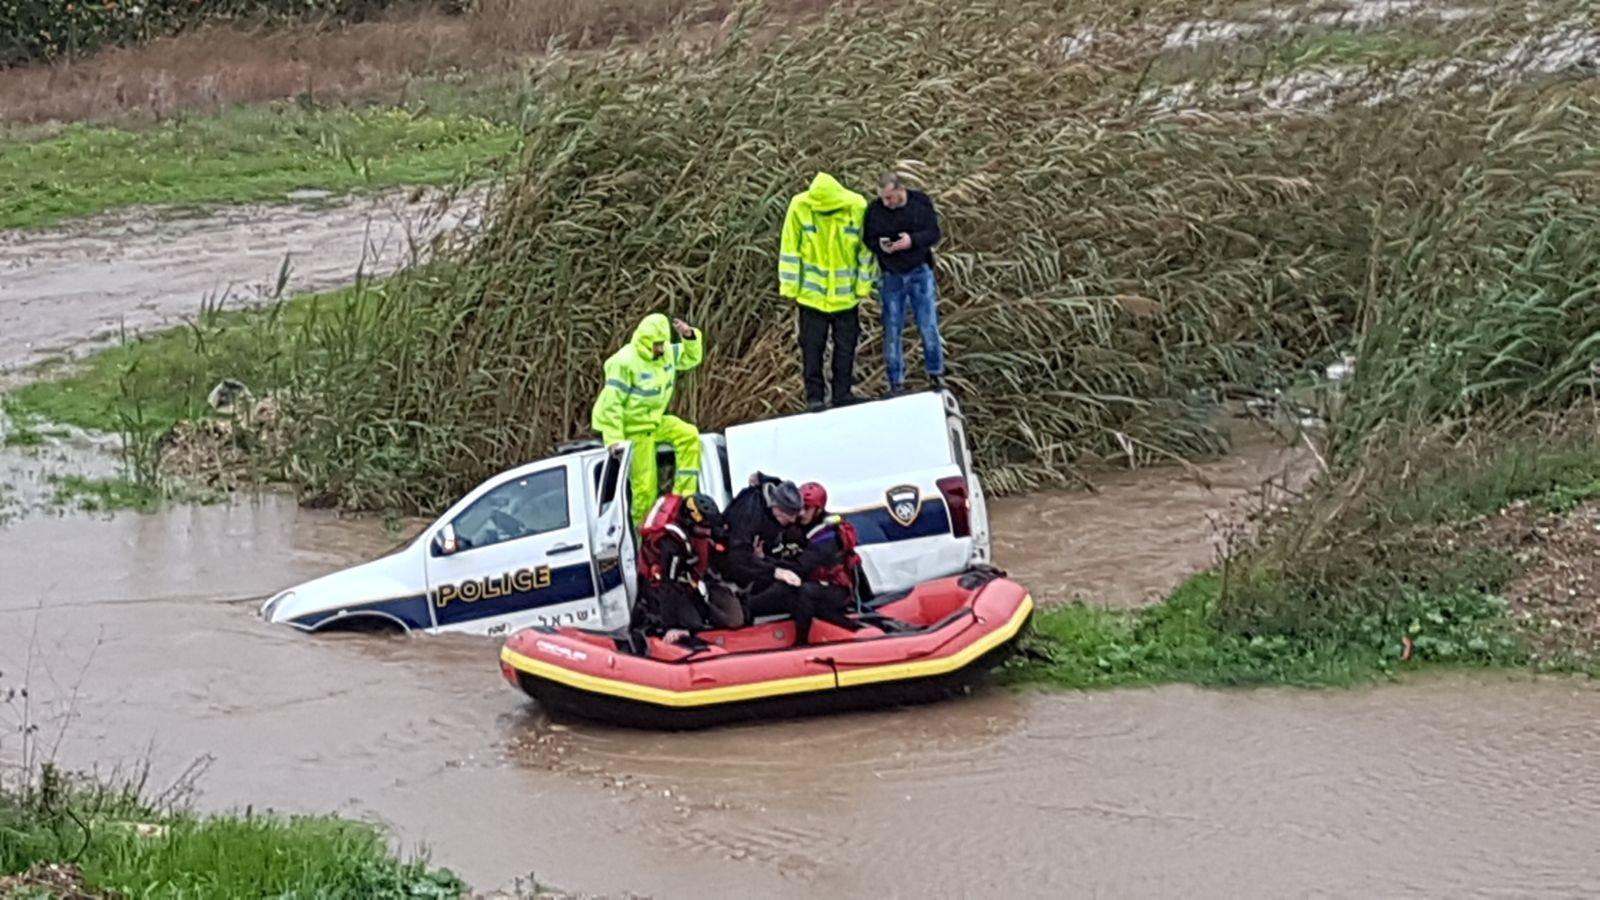 إنقاذ مركبة غرقت في مجمع مياه قرب باقة وفيها أطفال